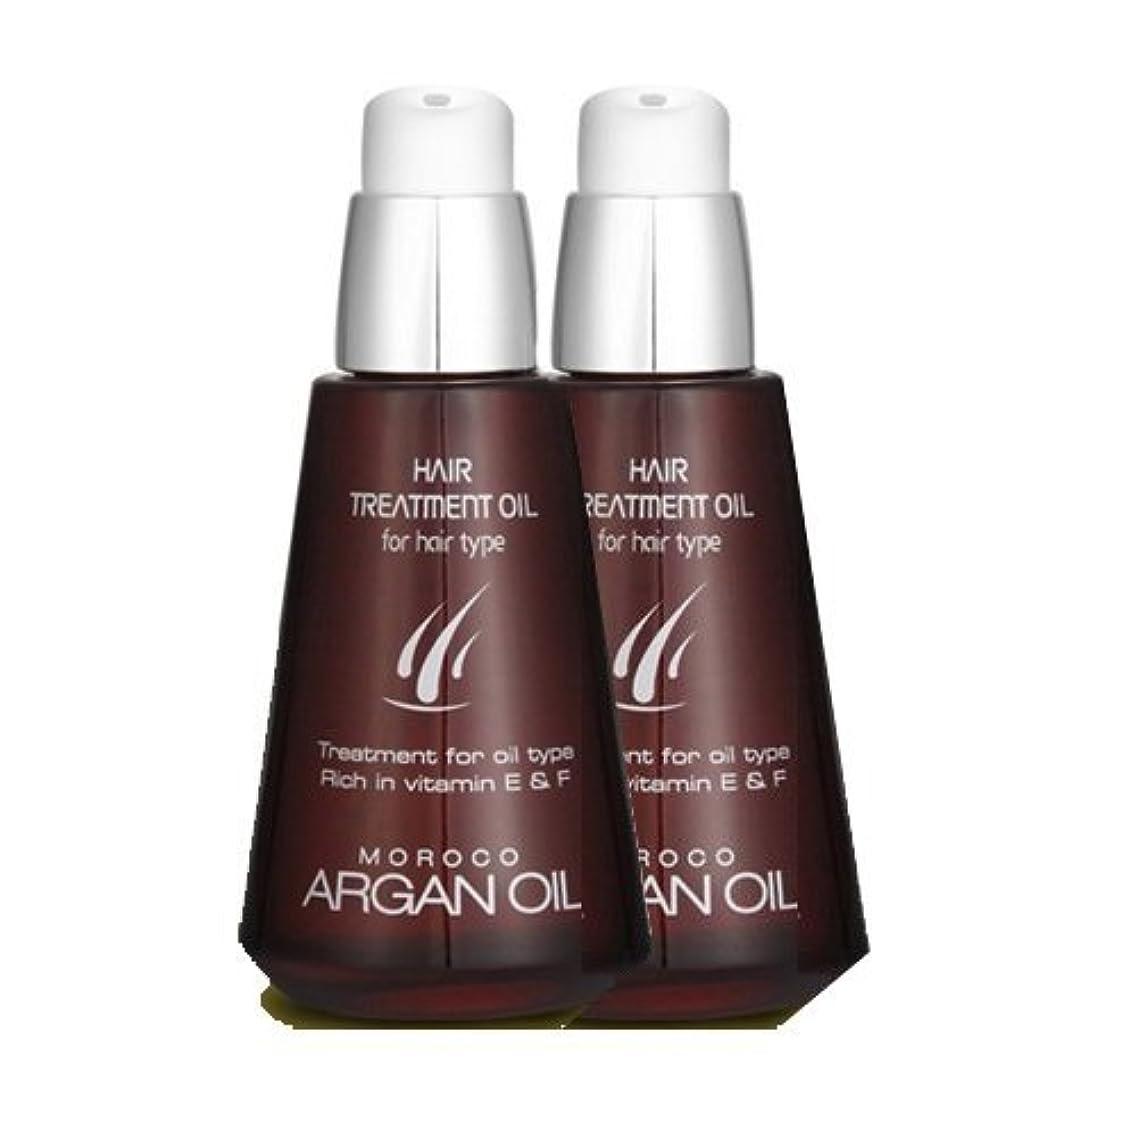 白内障カヌーアパル2個大事なあなたに/保湿/モロッコの伝統的な生産アルガンオイル100%30ml乾燥肌/